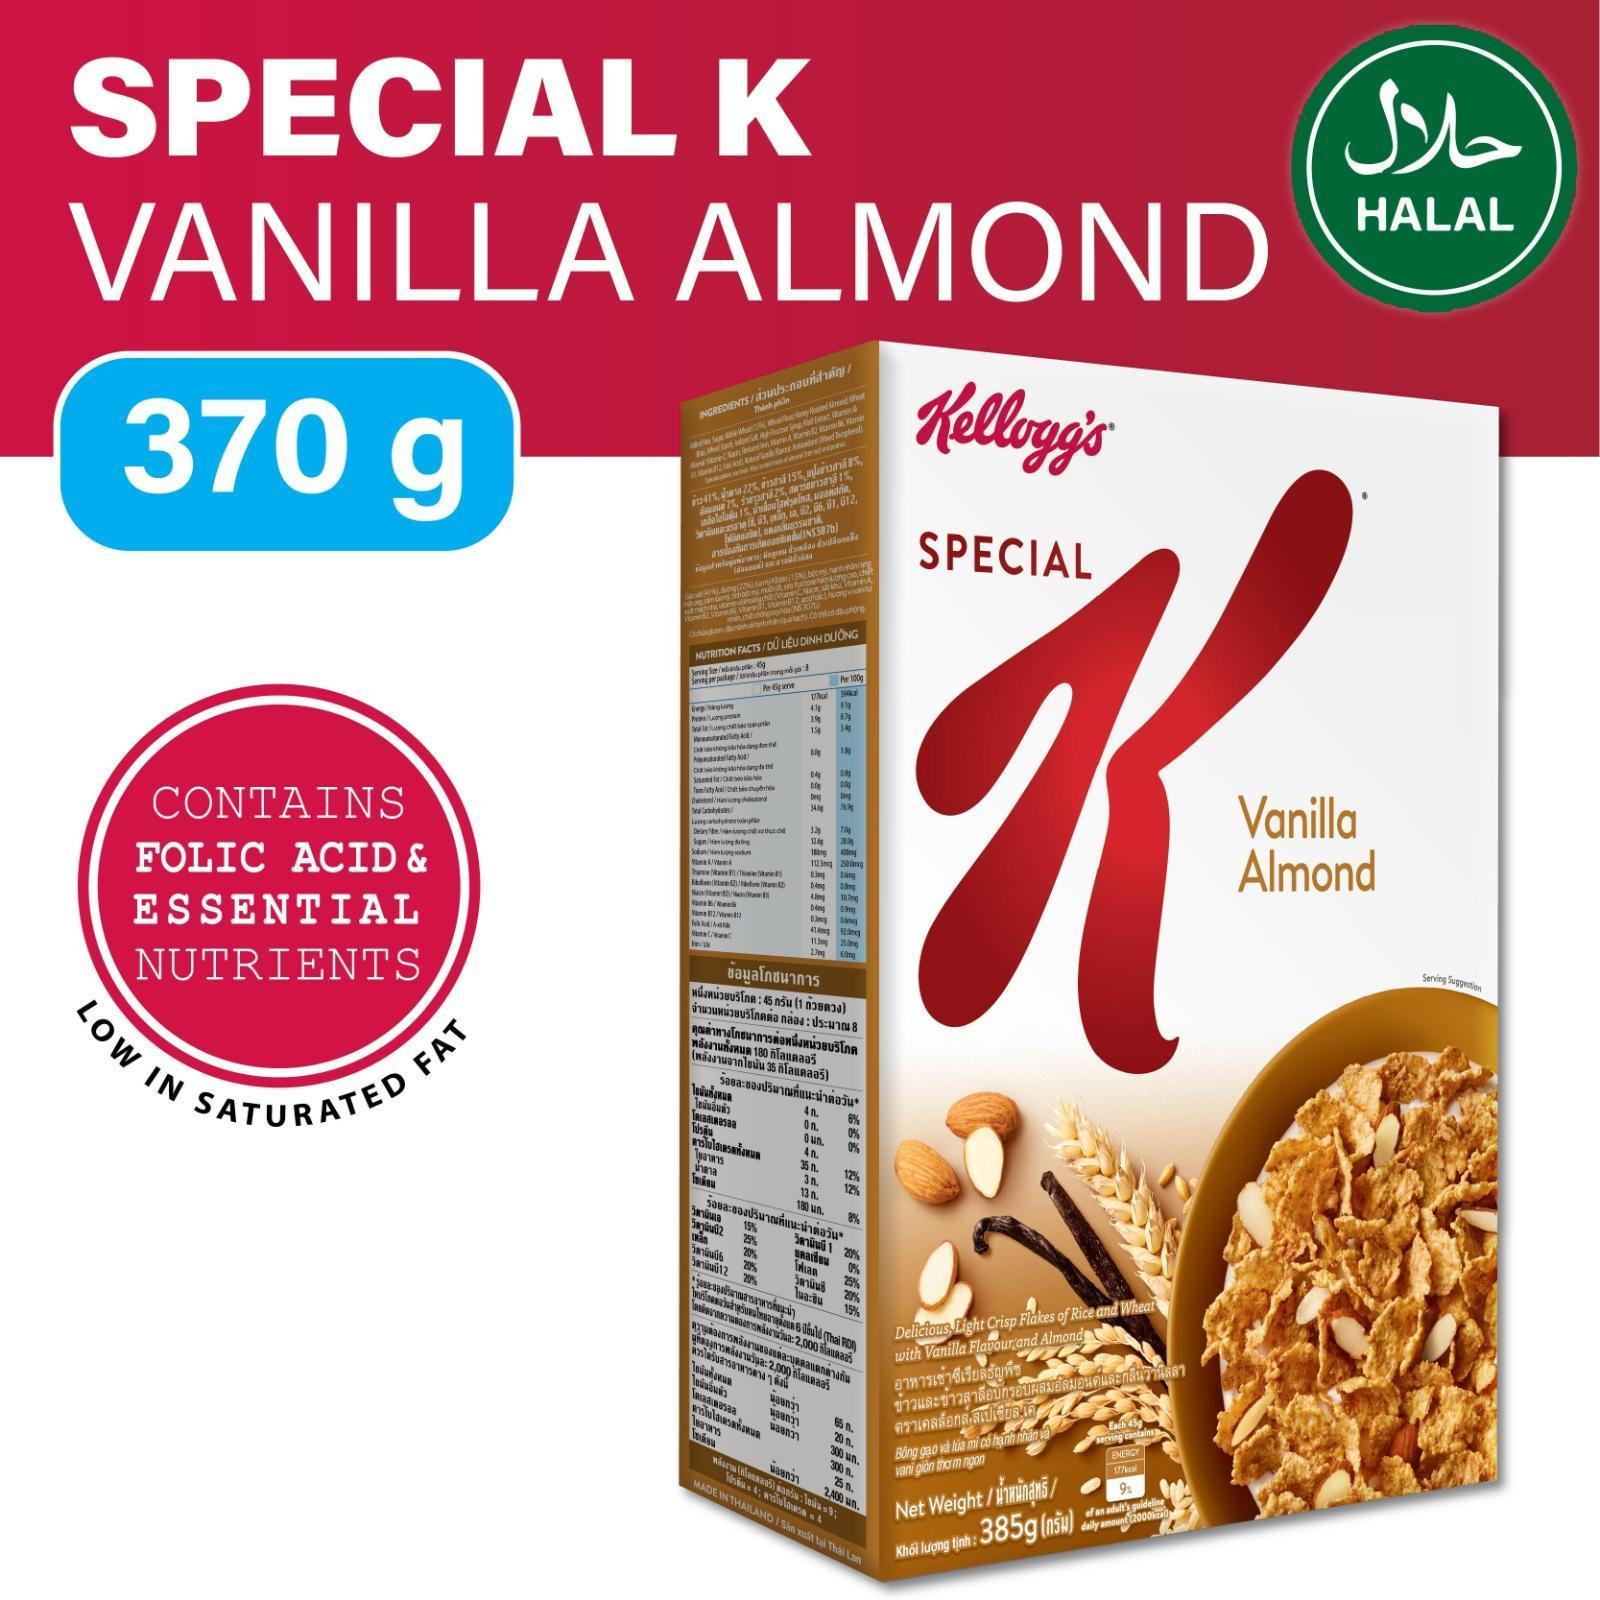 Kellogg's Special K Vanilla Almond Breakfast Cereal